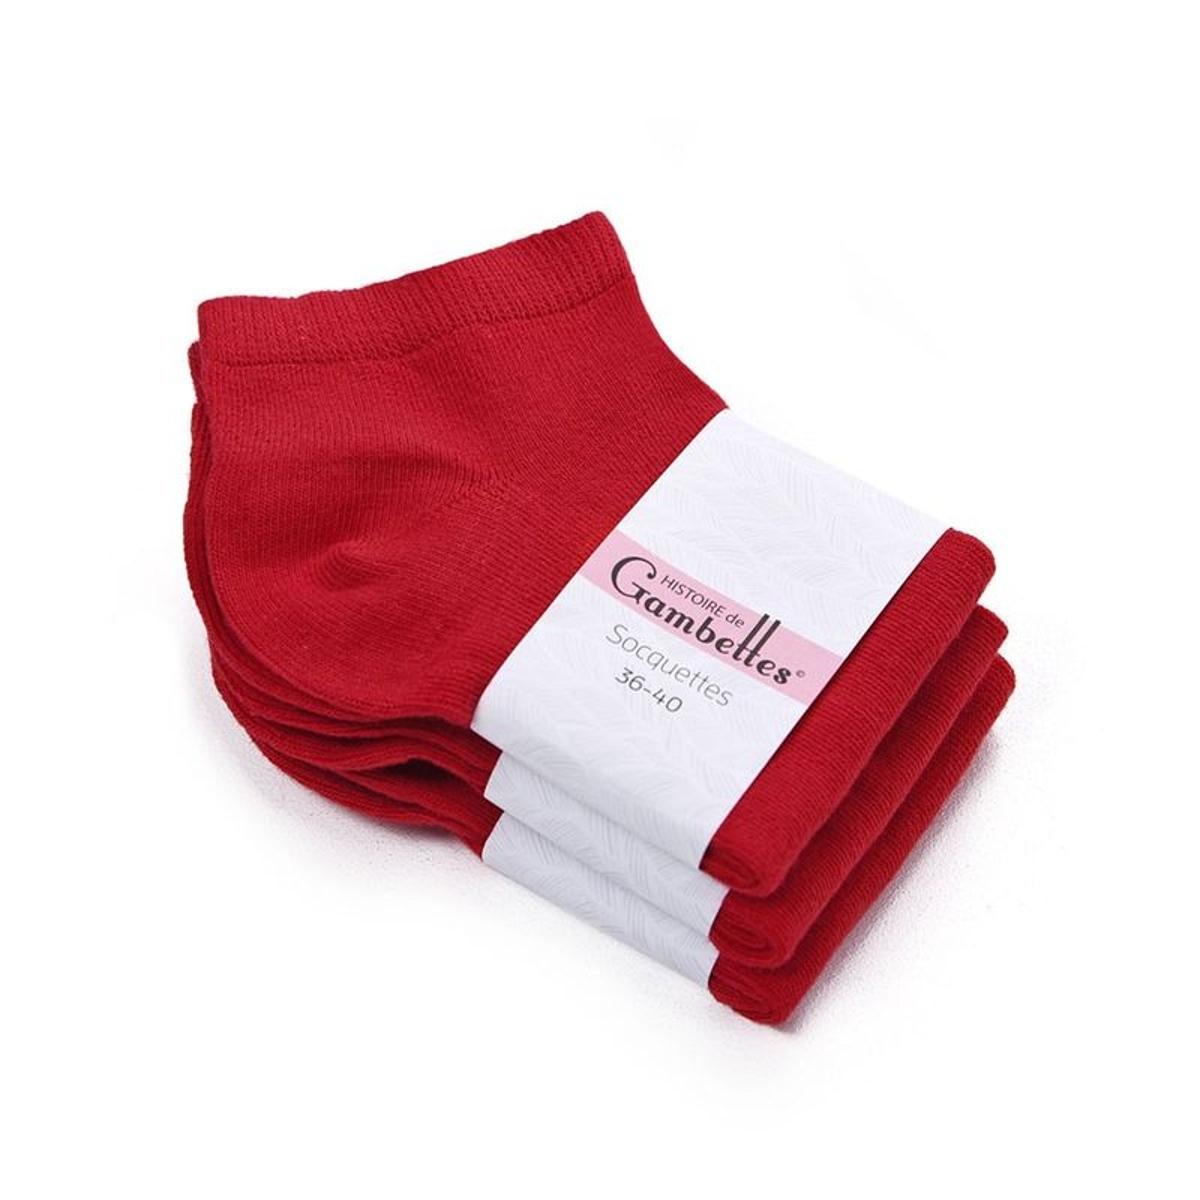 Socquettes Femme coton Rouge Vermillon (Lot de 3) - Fabriqué en europe